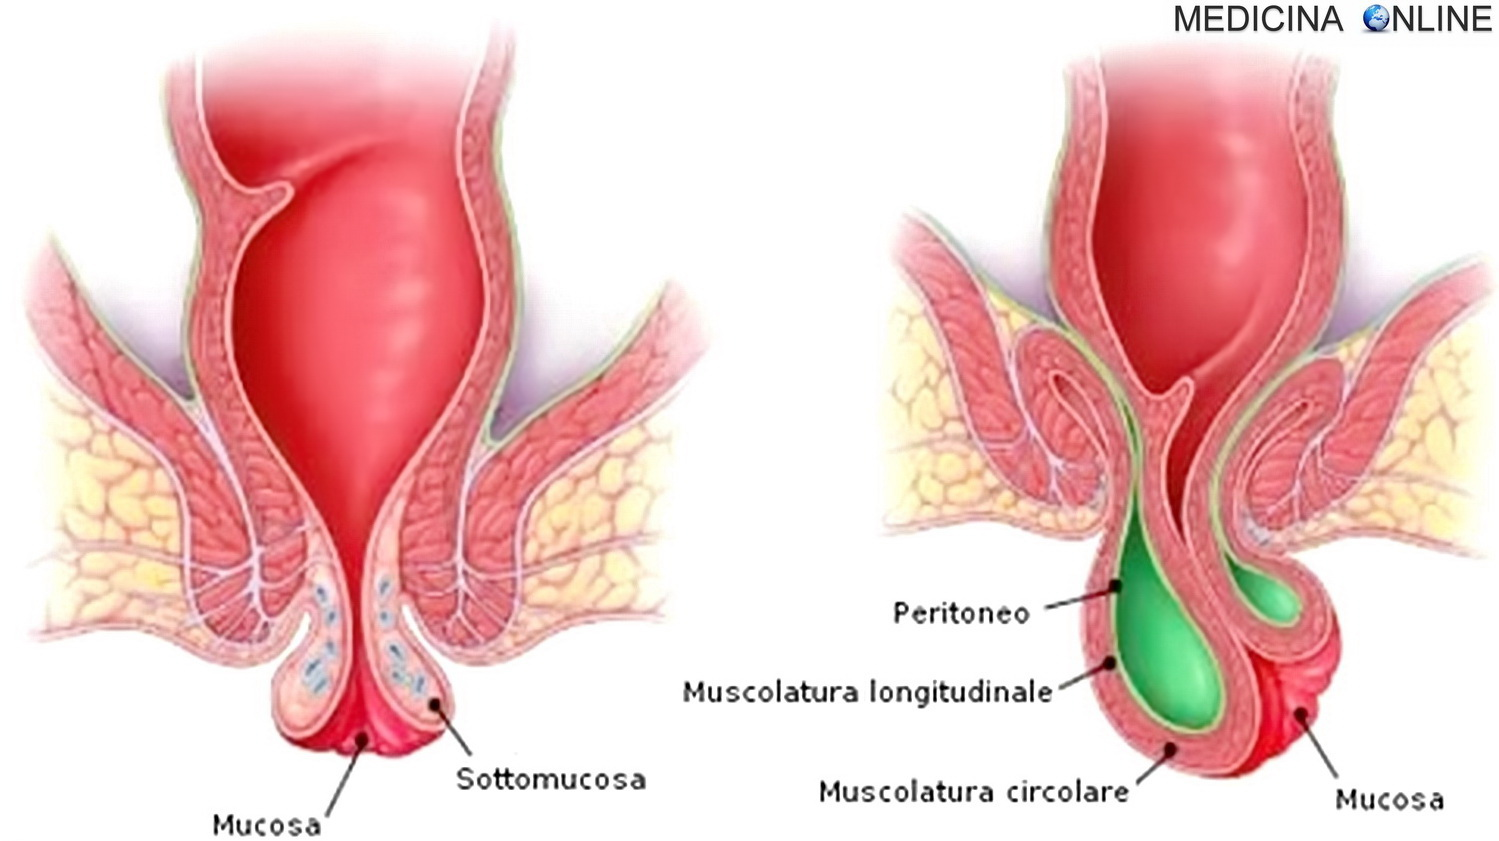 biopsia prostatica che causa diverticolite